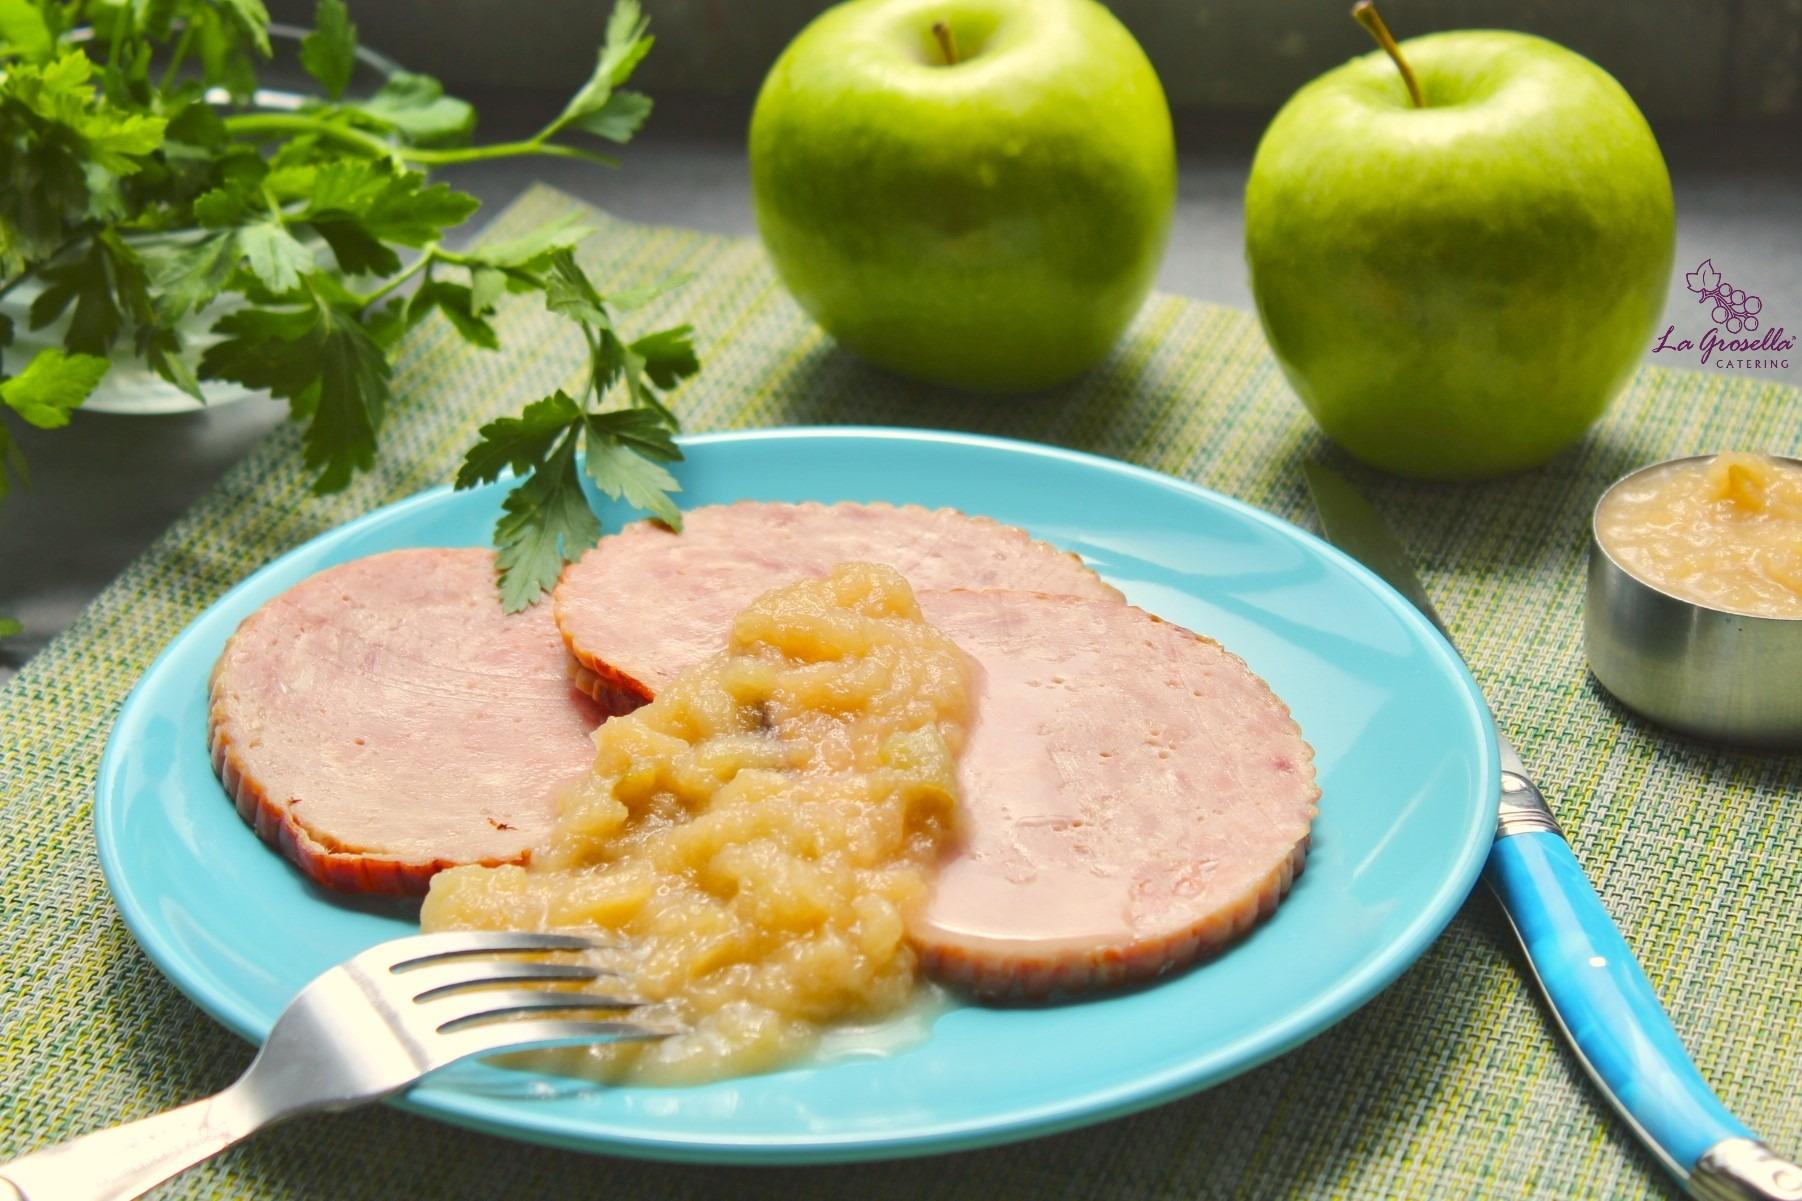 Rotí de pavo con puré de manzanas